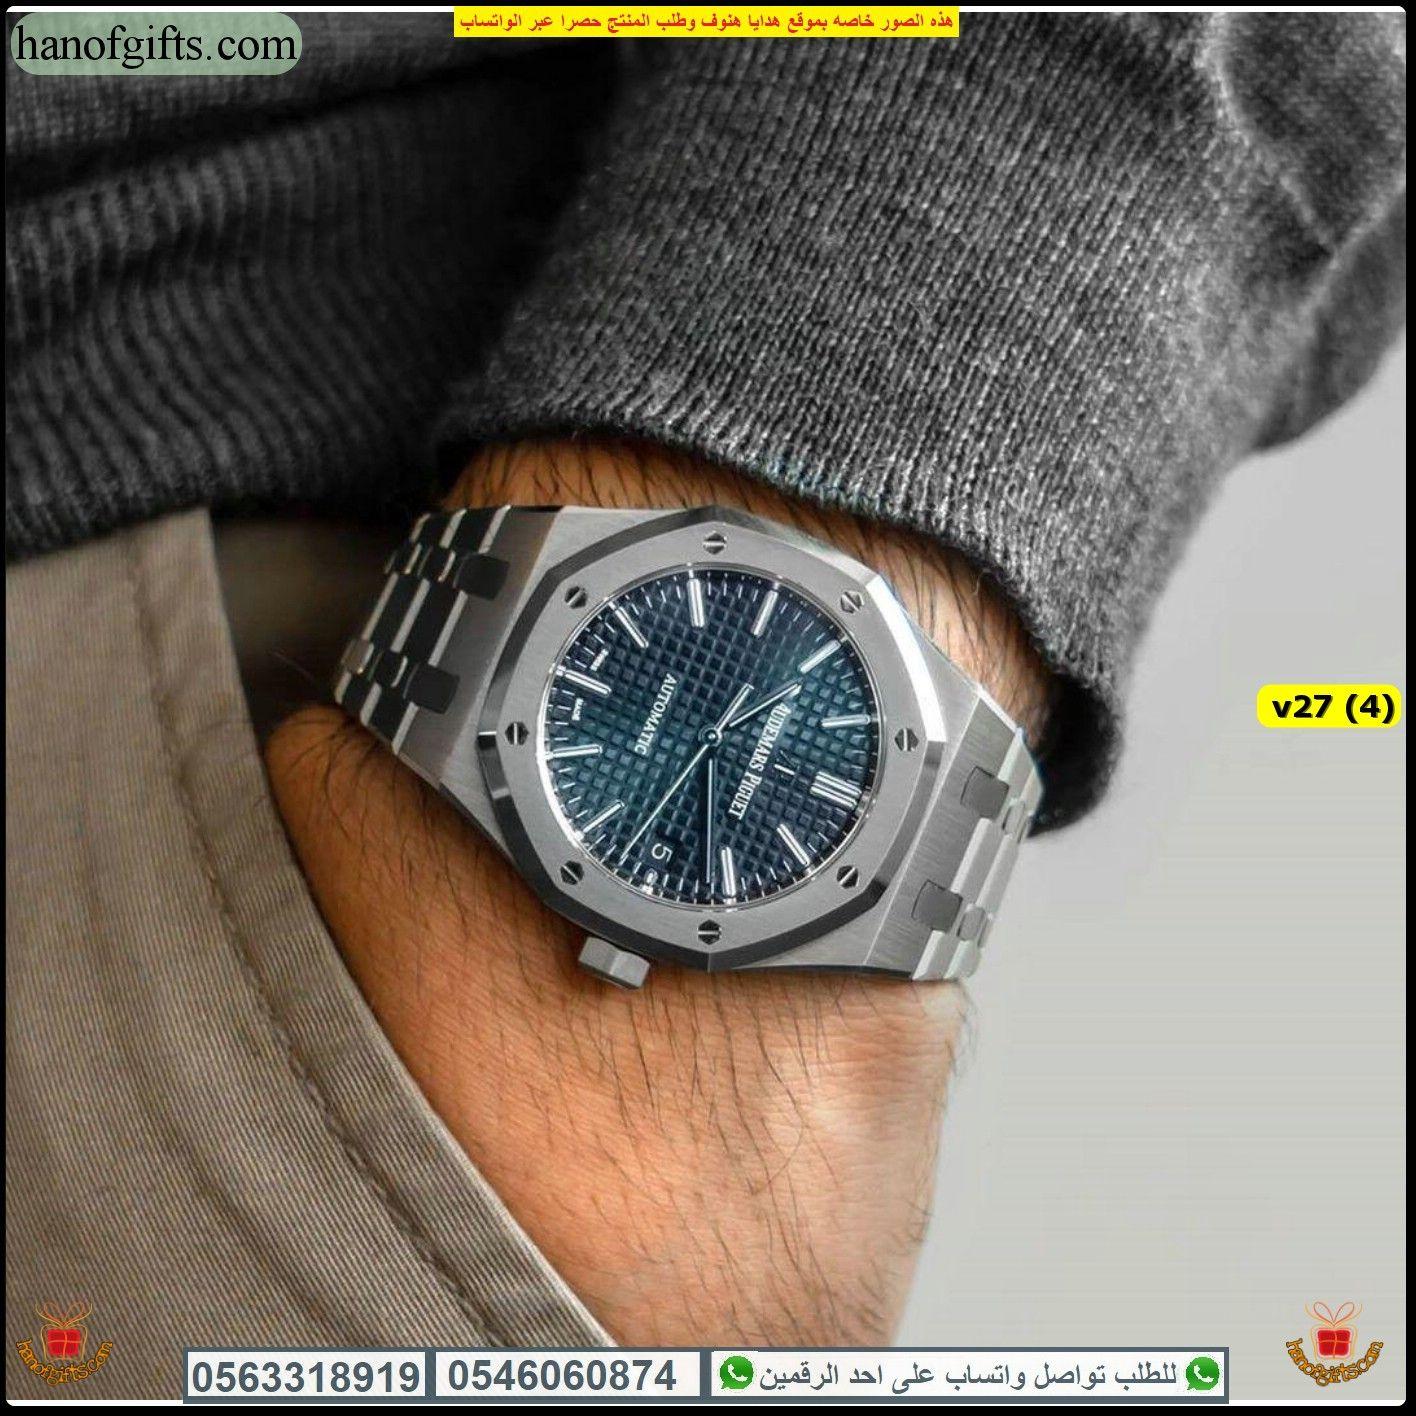 ساعة ماركة ادمر بياجيه للبيع اتوماتيك مكينه مكشوفه درجه اولى هدايا هنوف Watch Roll Audemars Piguet Royal Oak Audemars Piguet